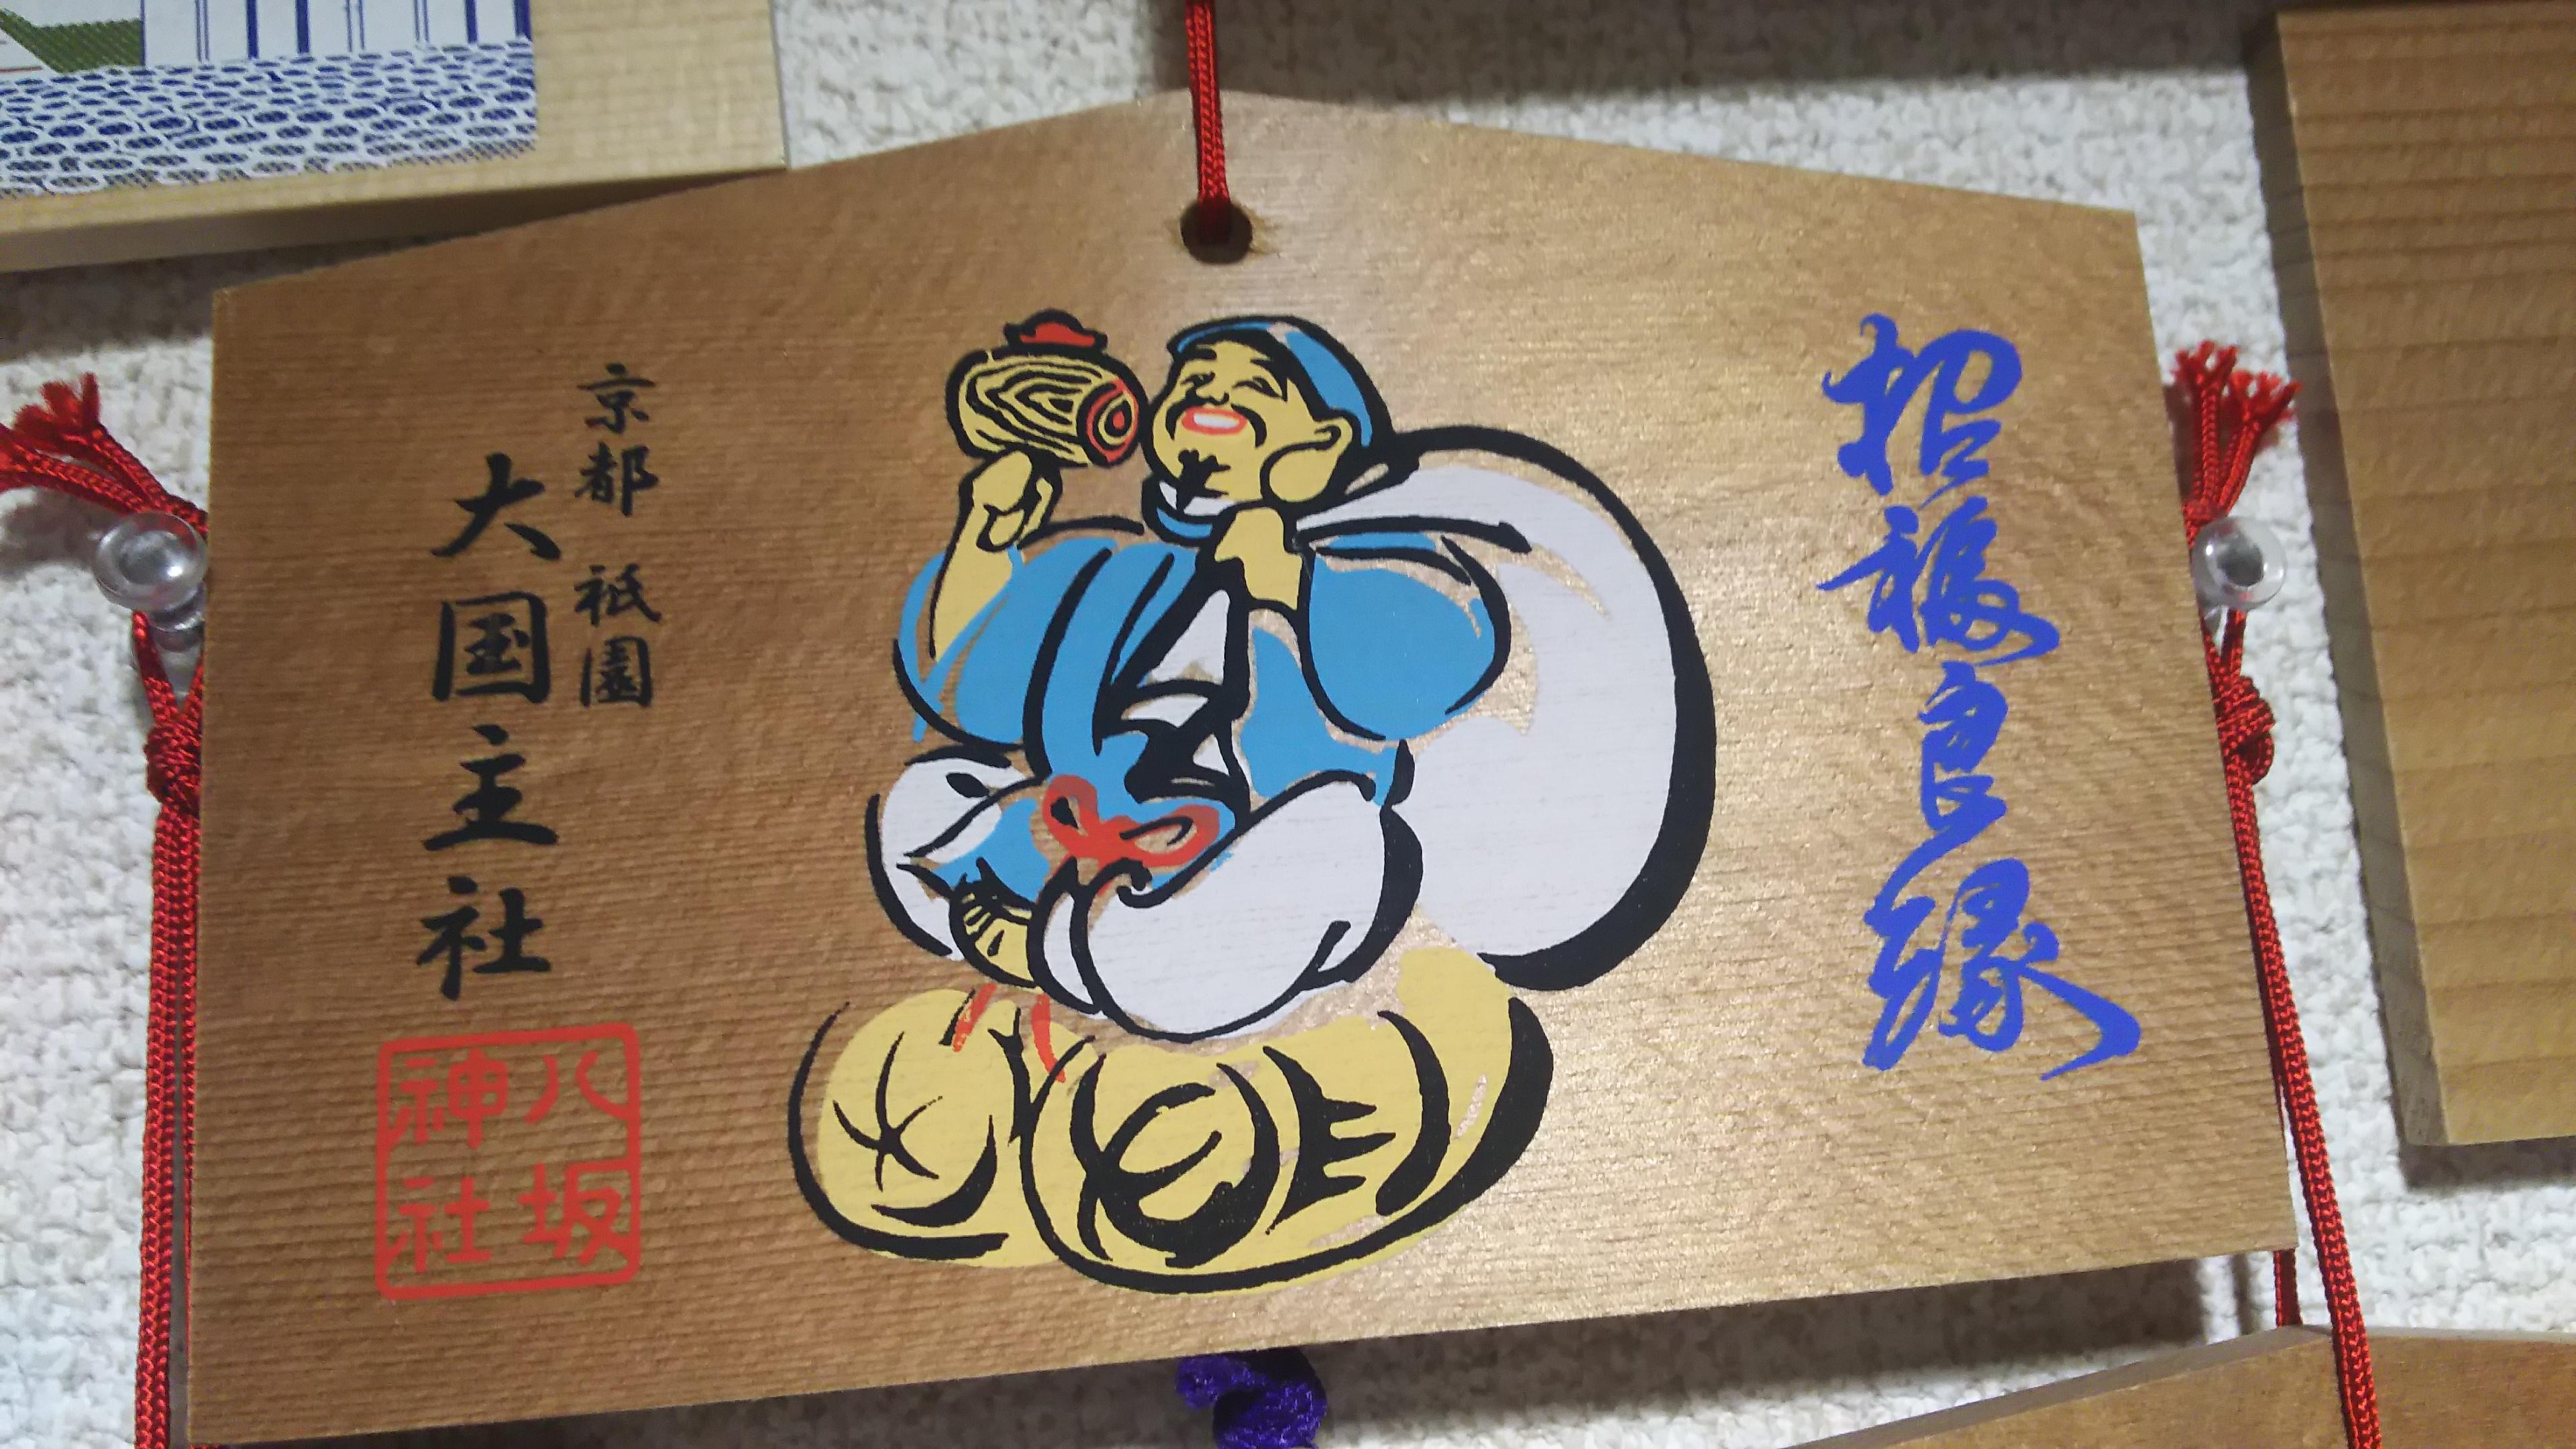 八坂神社(祇園さん)の絵馬